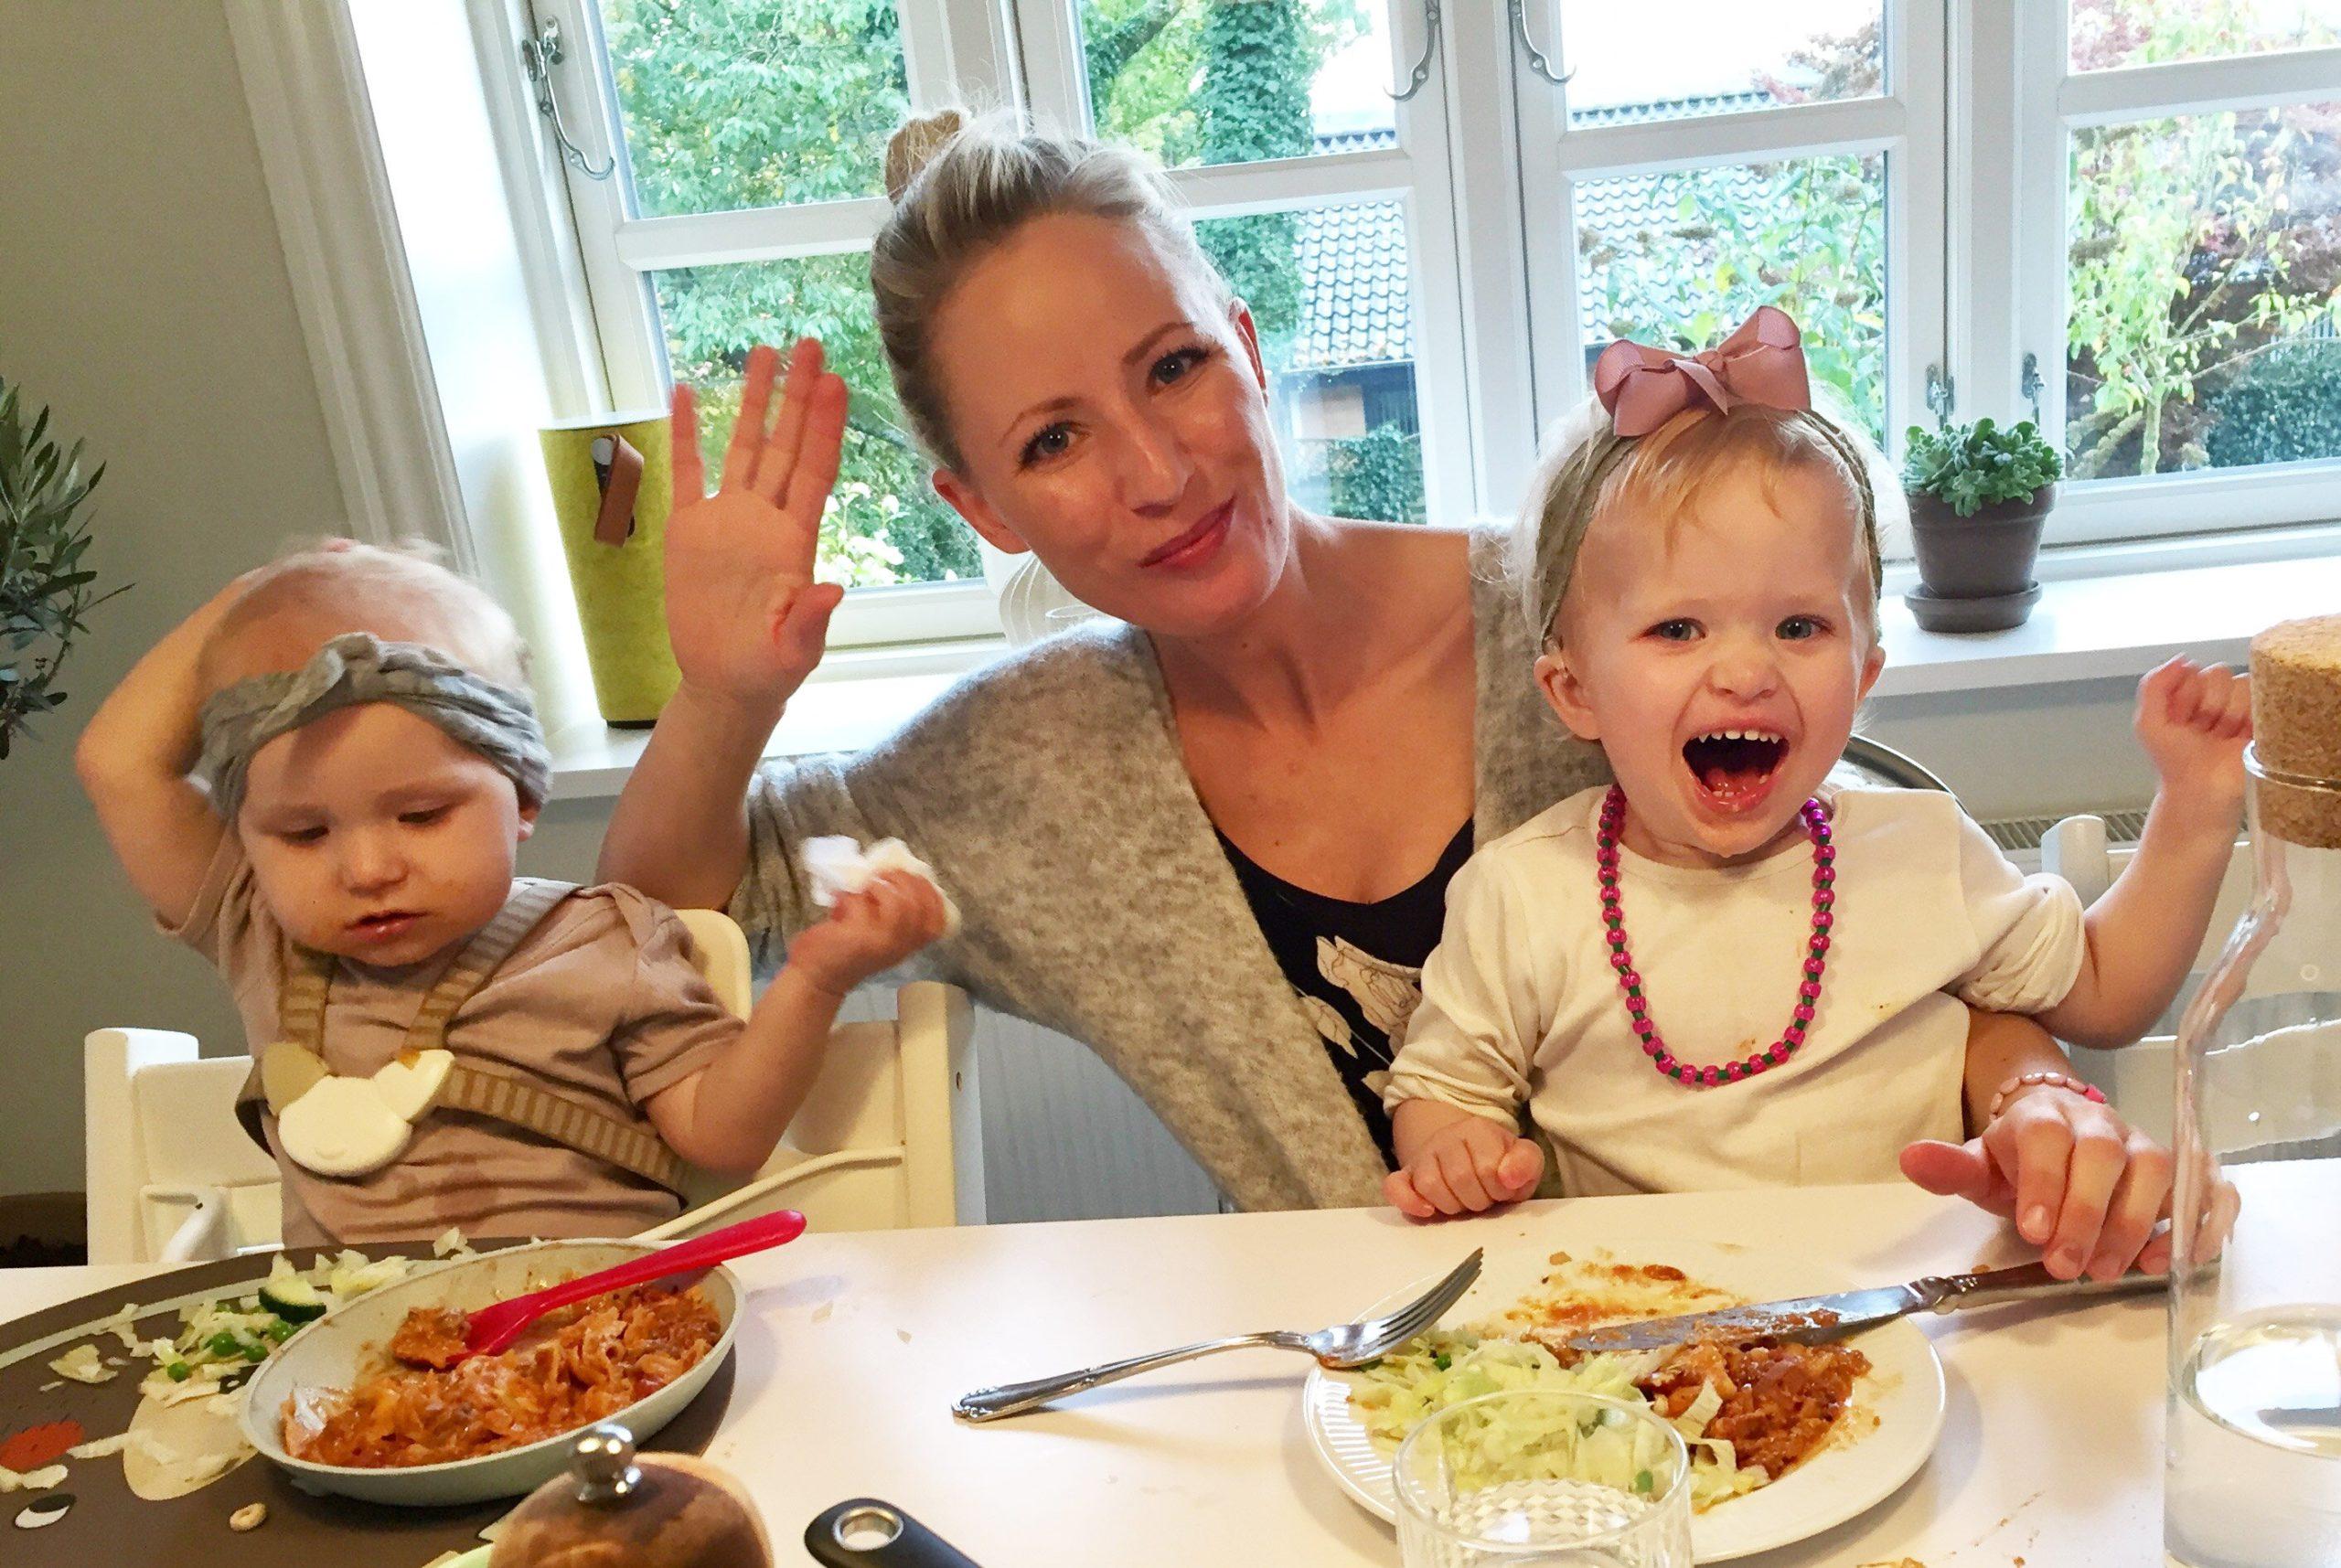 cochlear implants, aftensmad, sprog under maden, sprog til middag